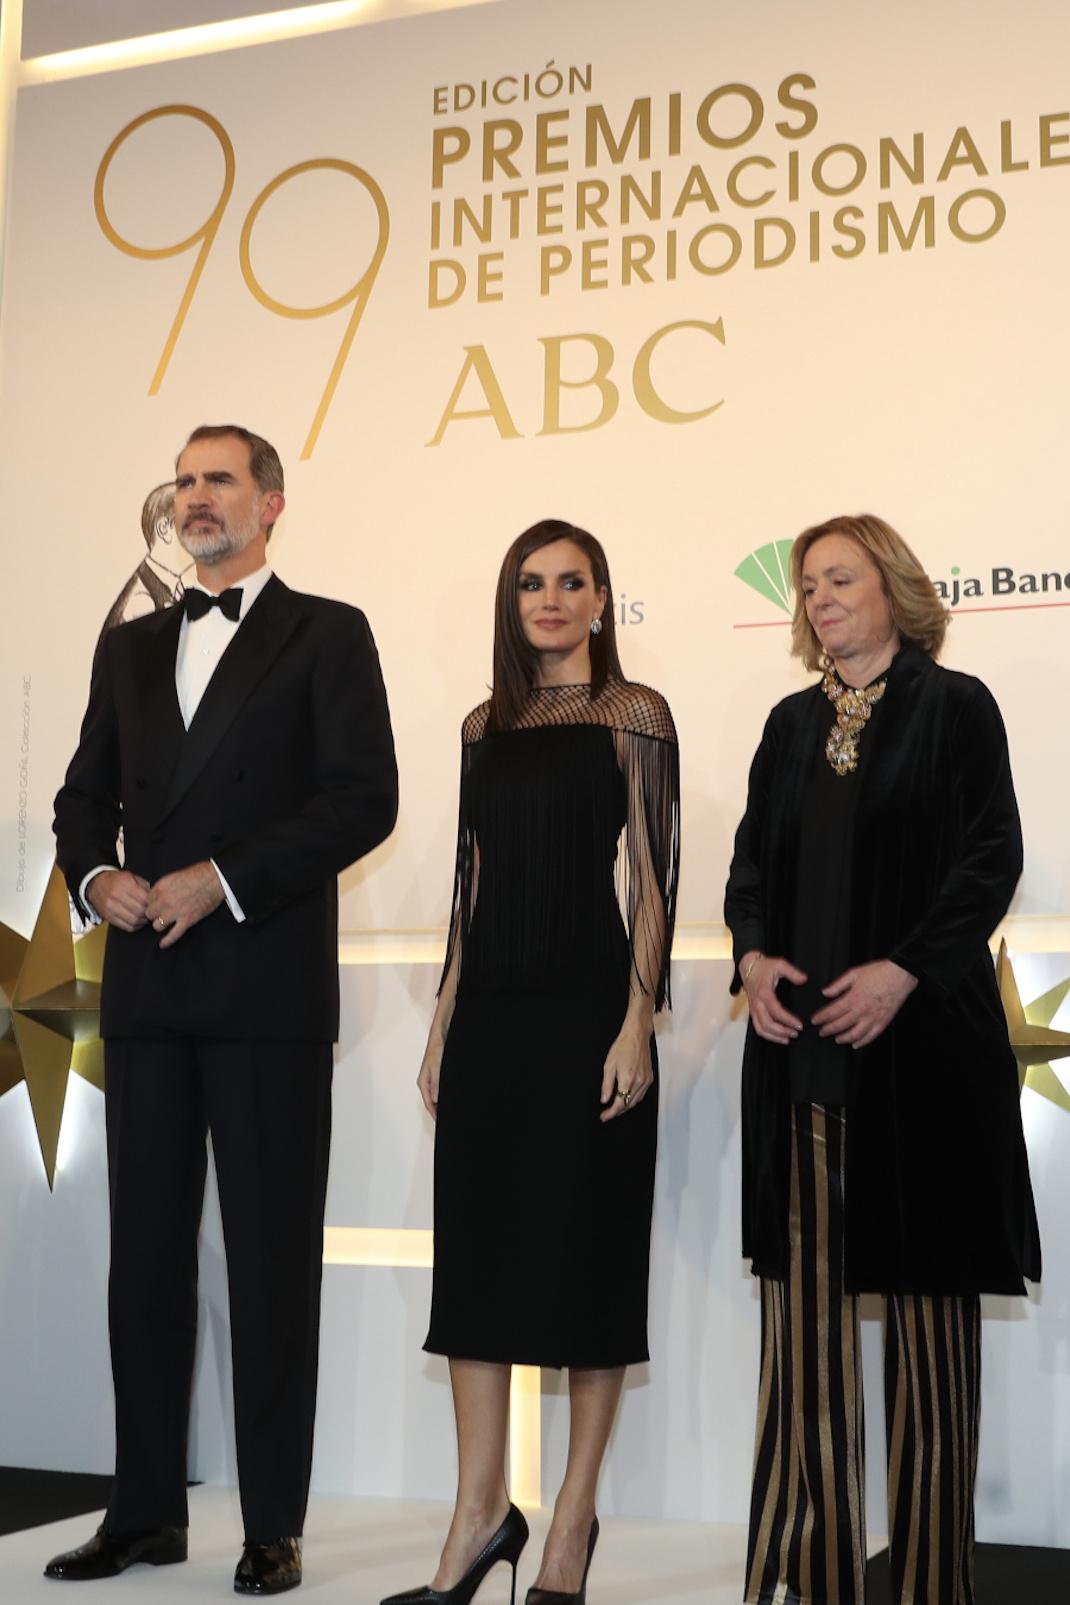 Η βασίλισσα Λετίθια με μαύρο φόρεμα